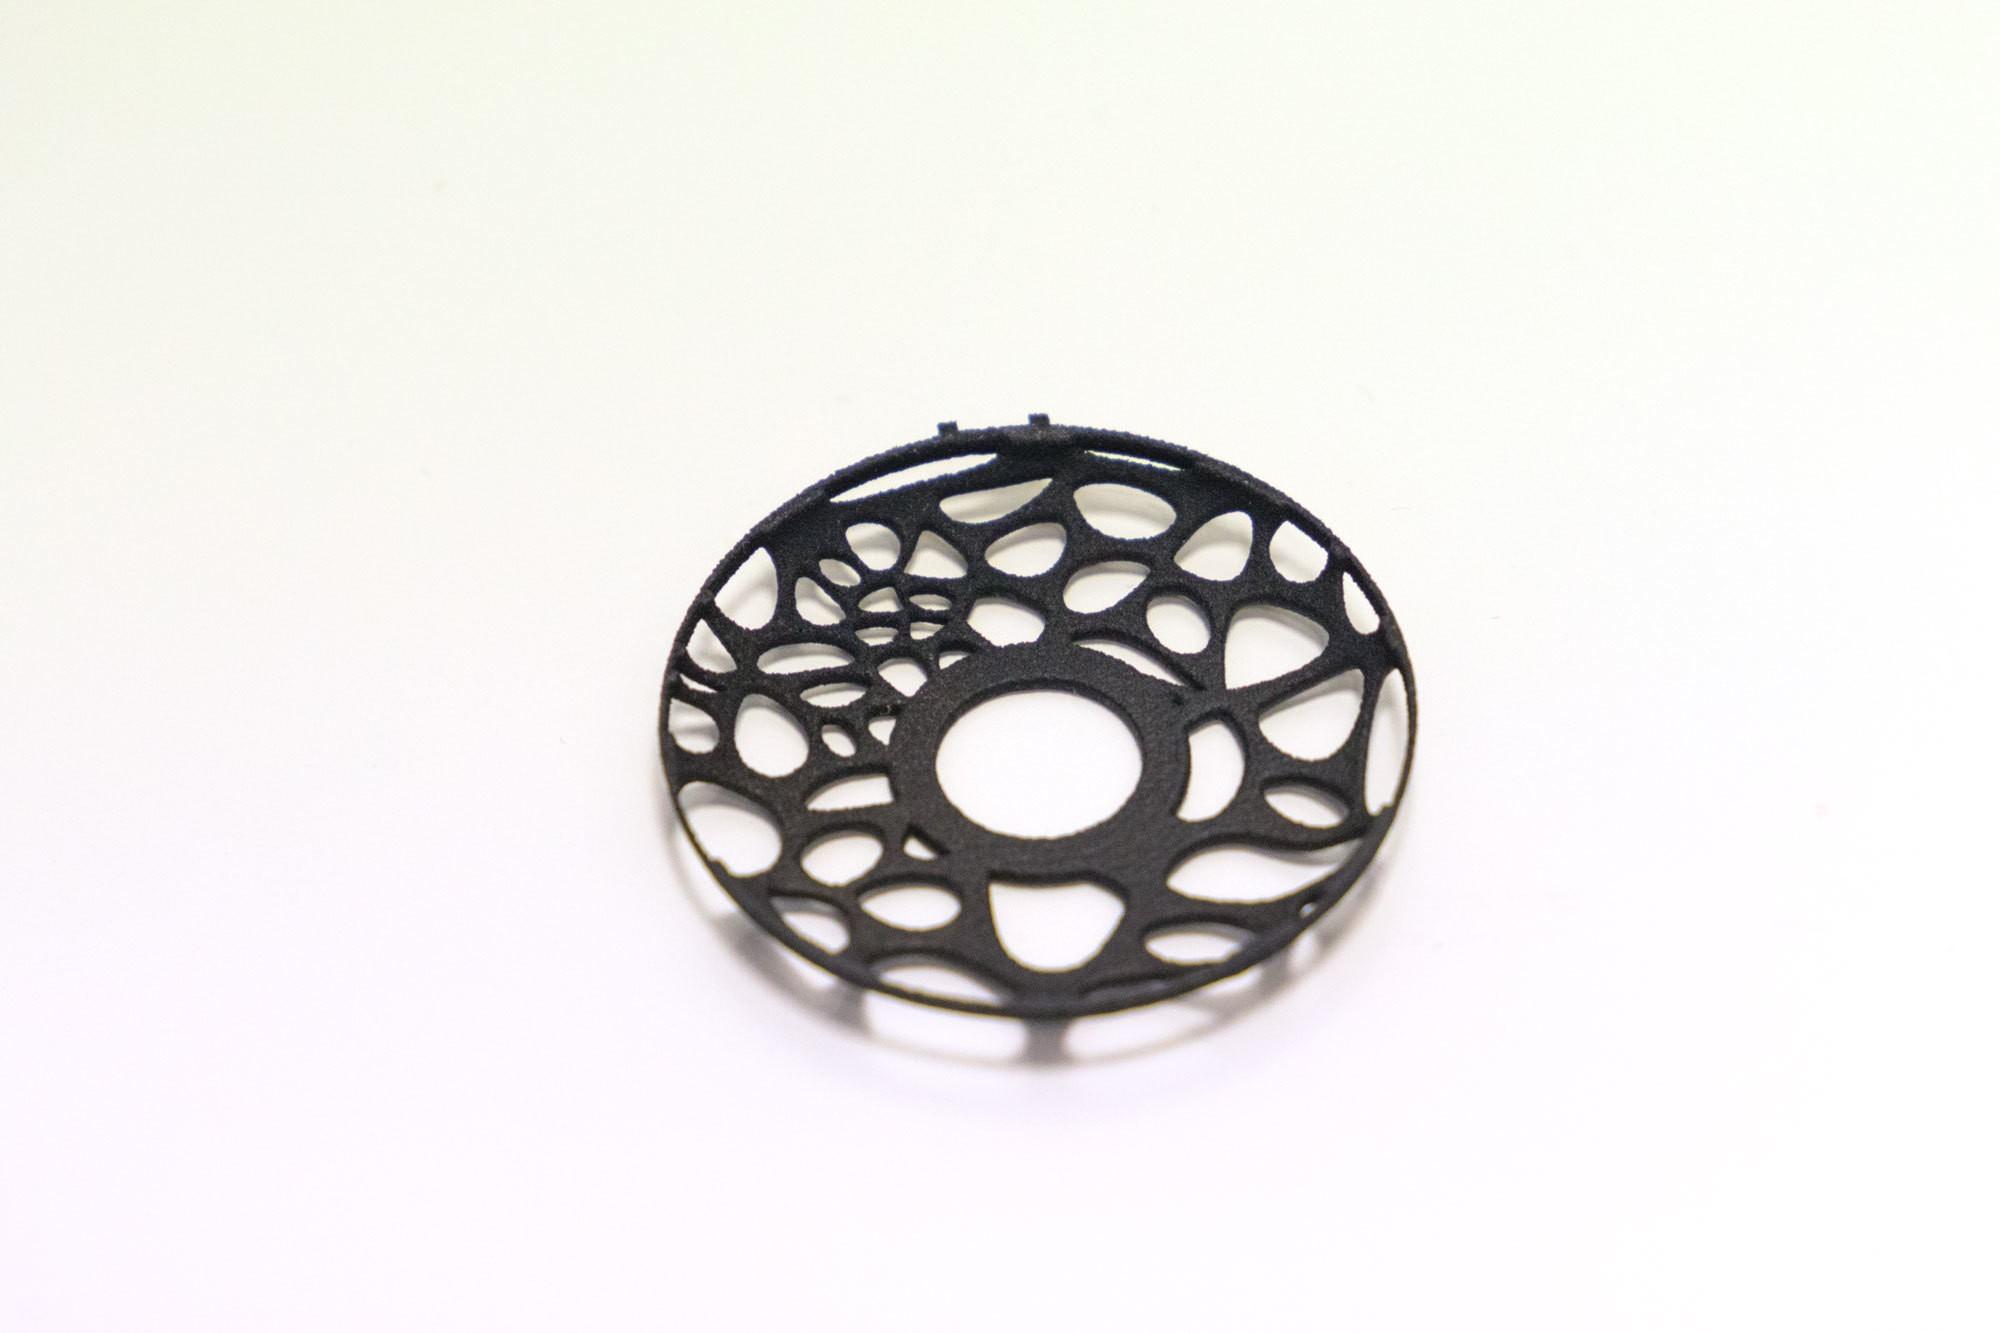 QI3A8124-sm.jpg Download free STL file Couvercle de montre à gousset • Object to 3D print, F3DF